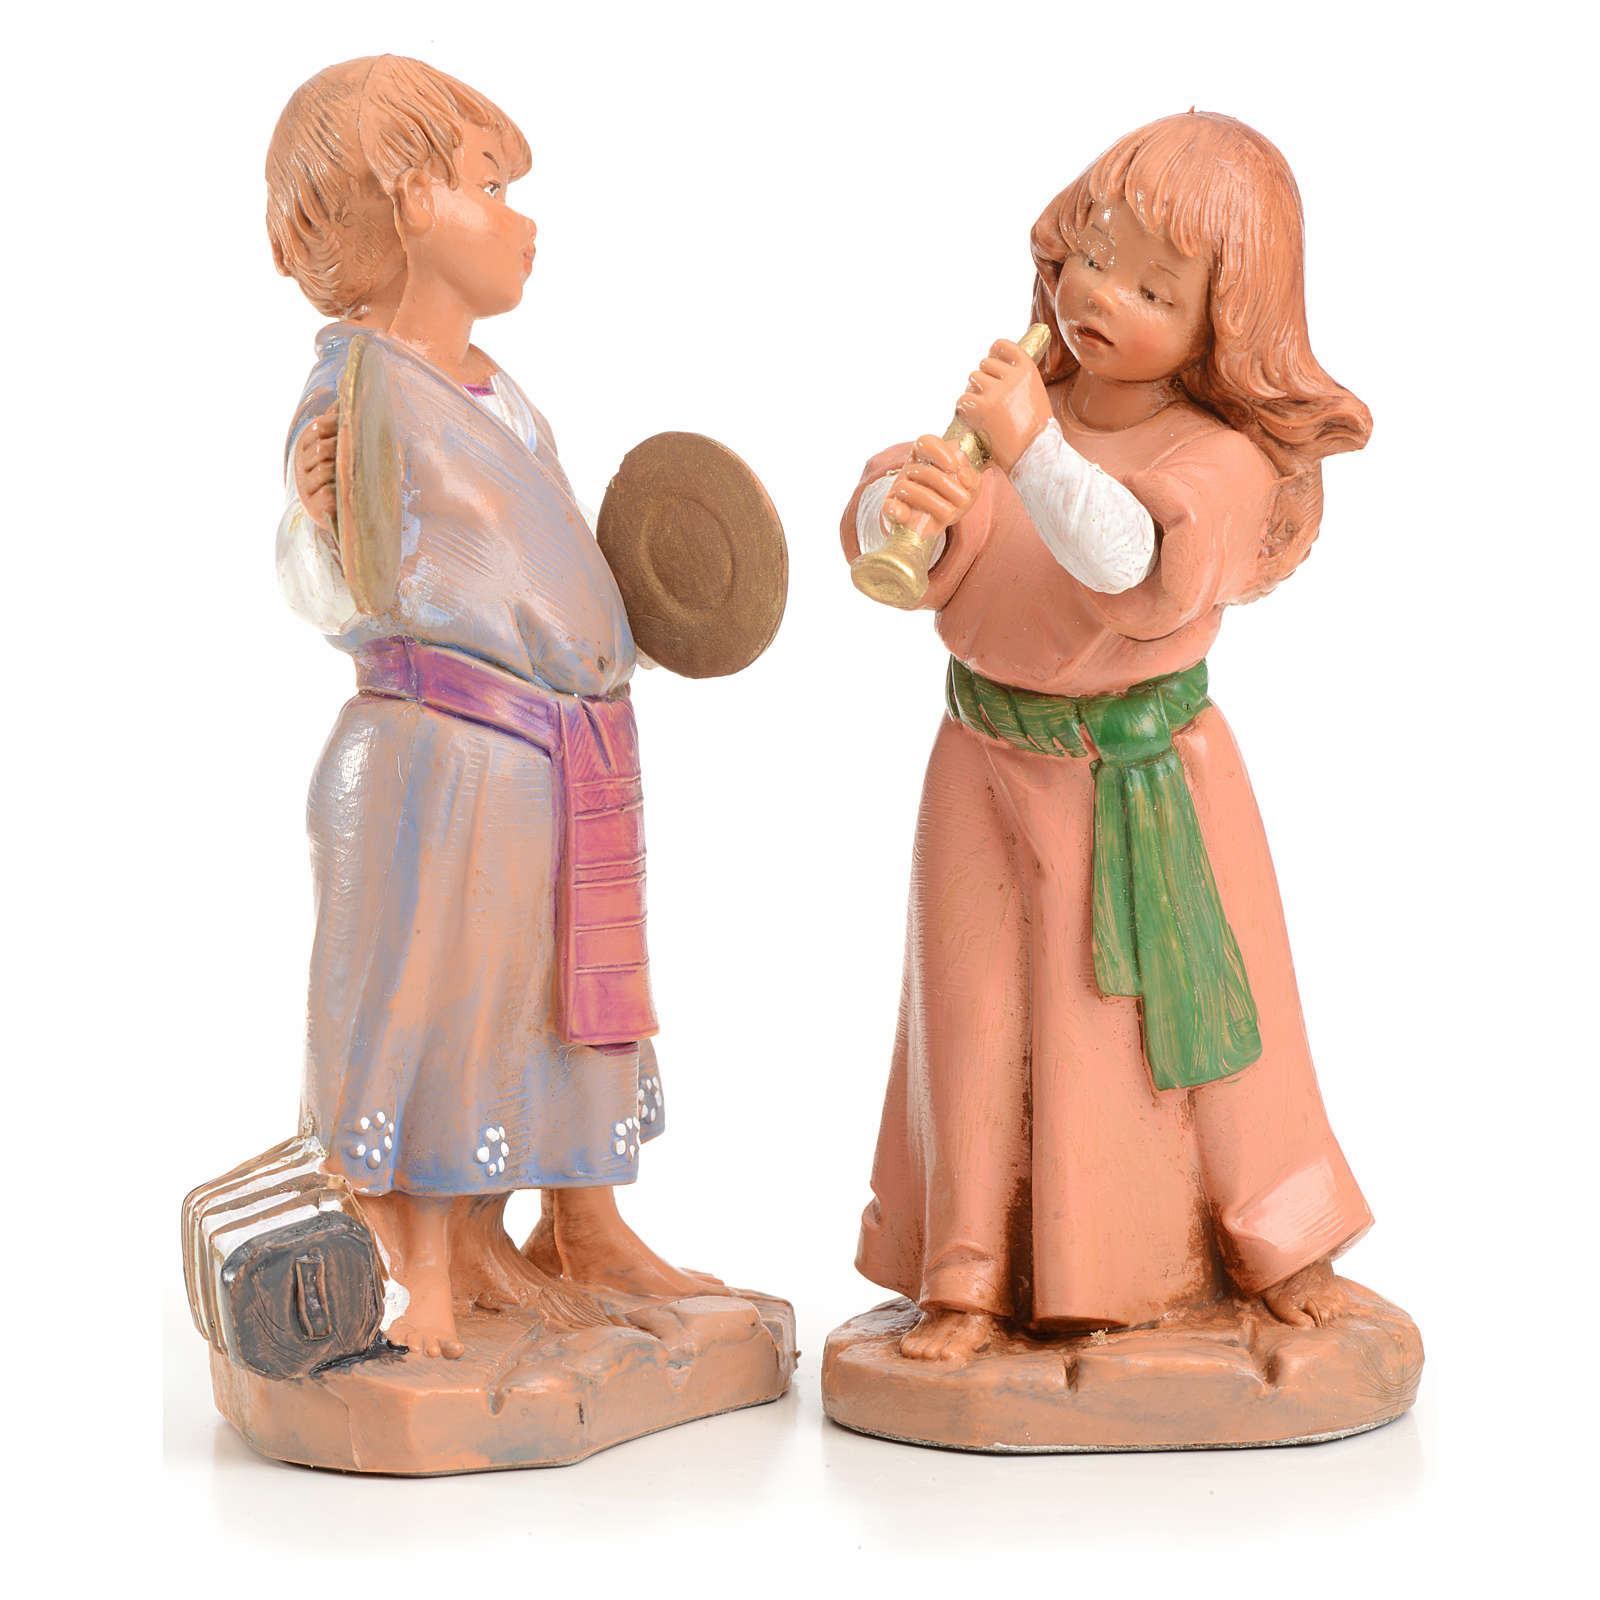 Tiras e Lena 12 cm Fontanini edición limitada 1999 3